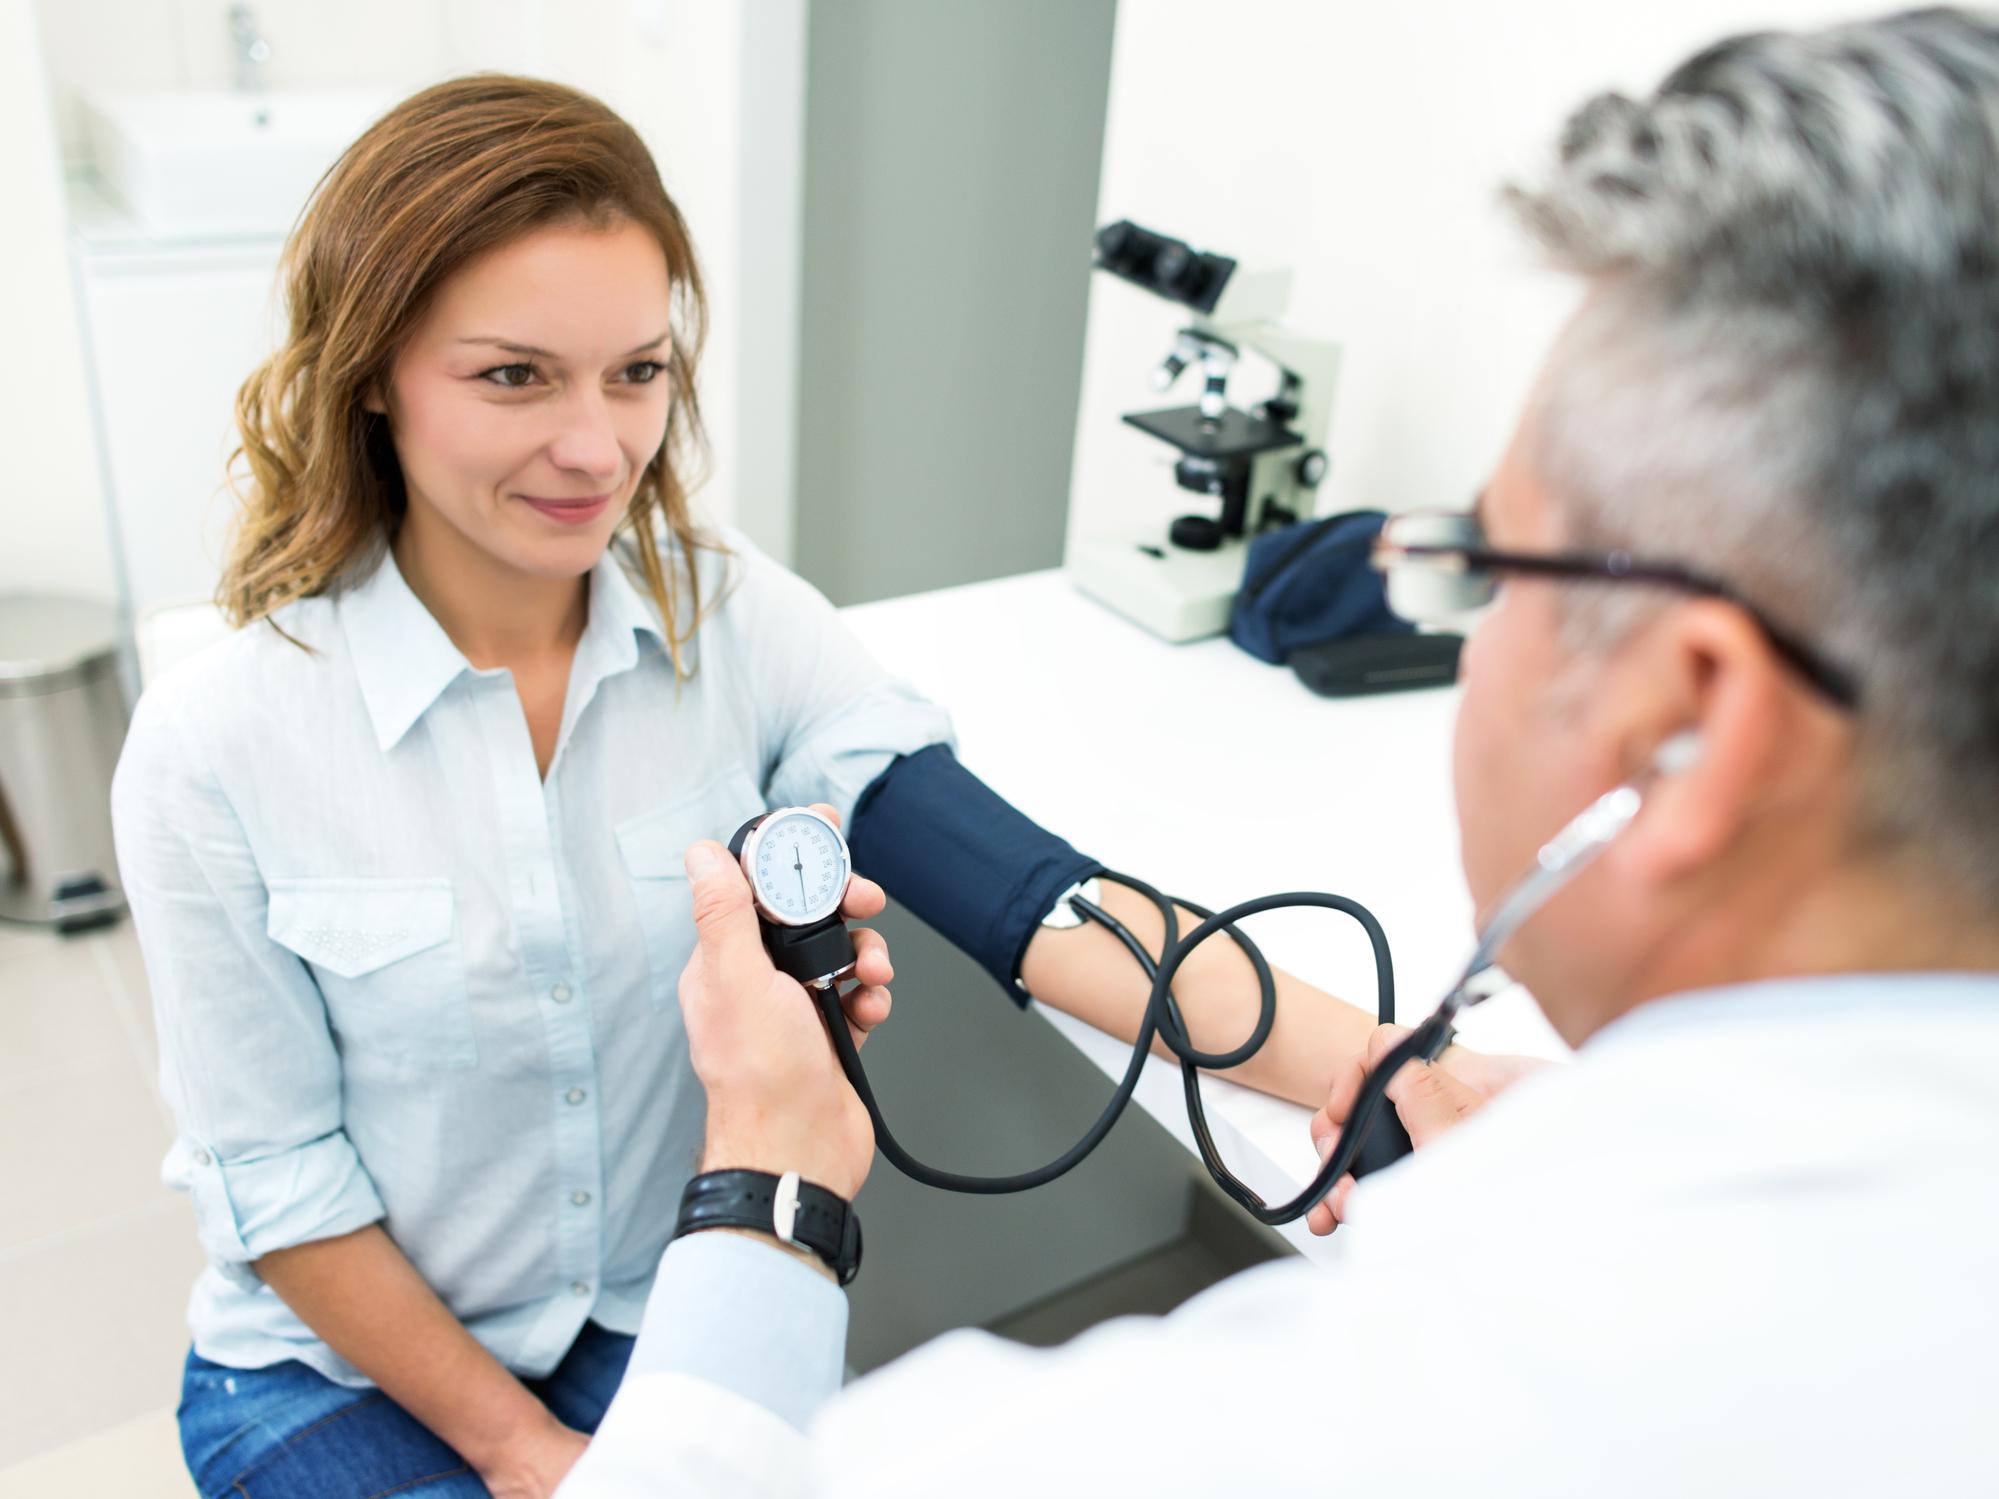 különbség az ncd és a magas vérnyomás között